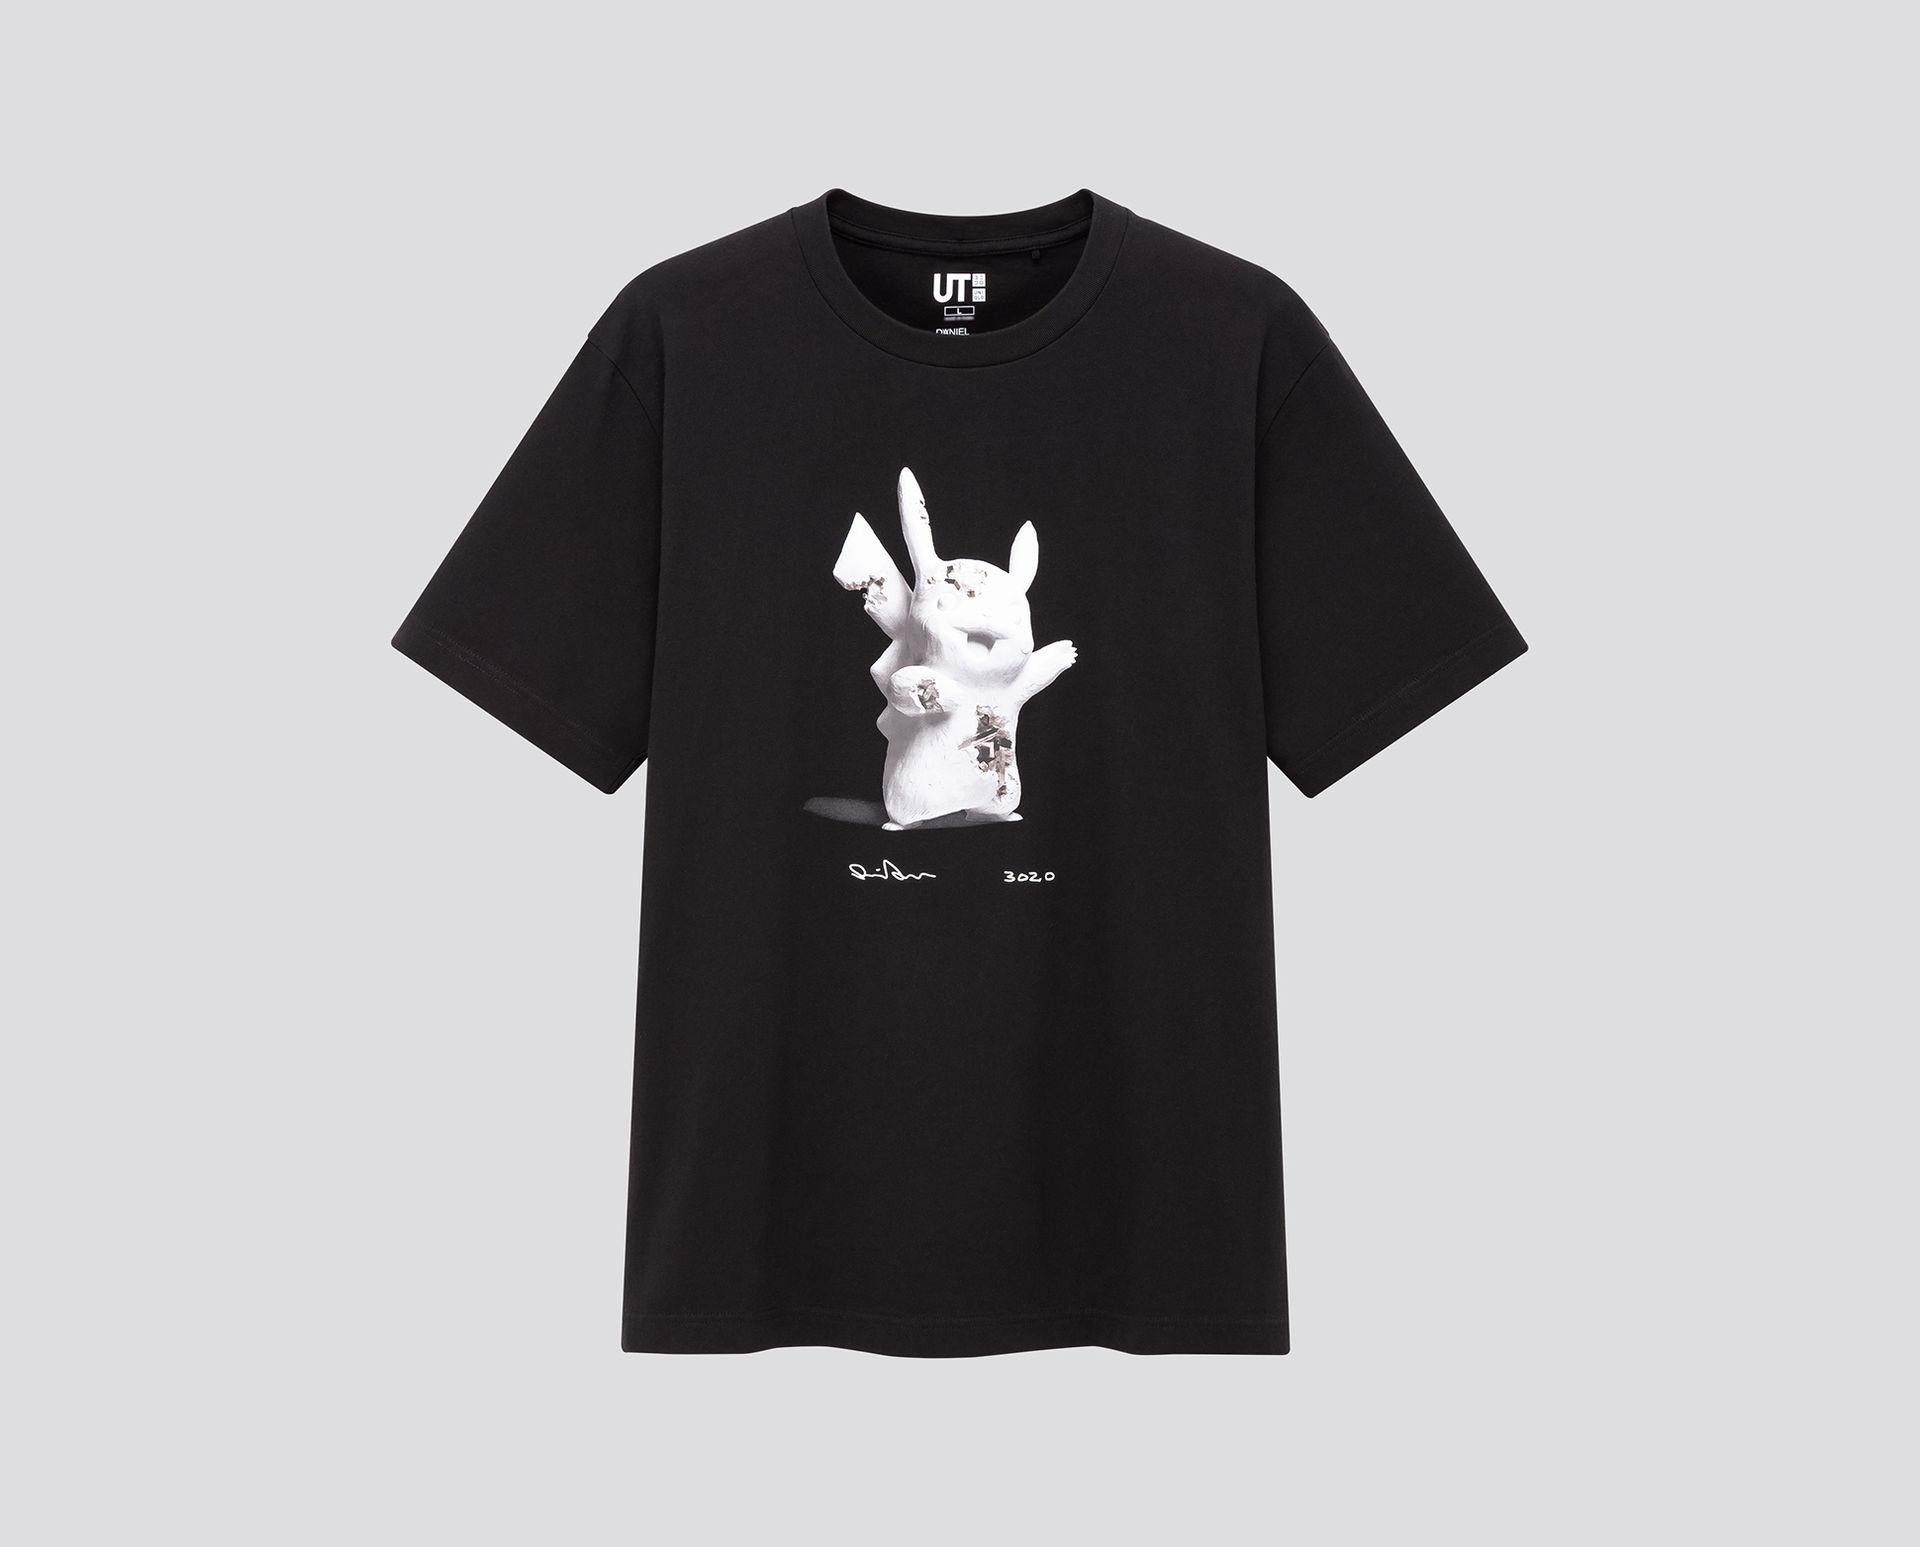 Uniqlo släpper t-shirtar med Pokémon-tryck